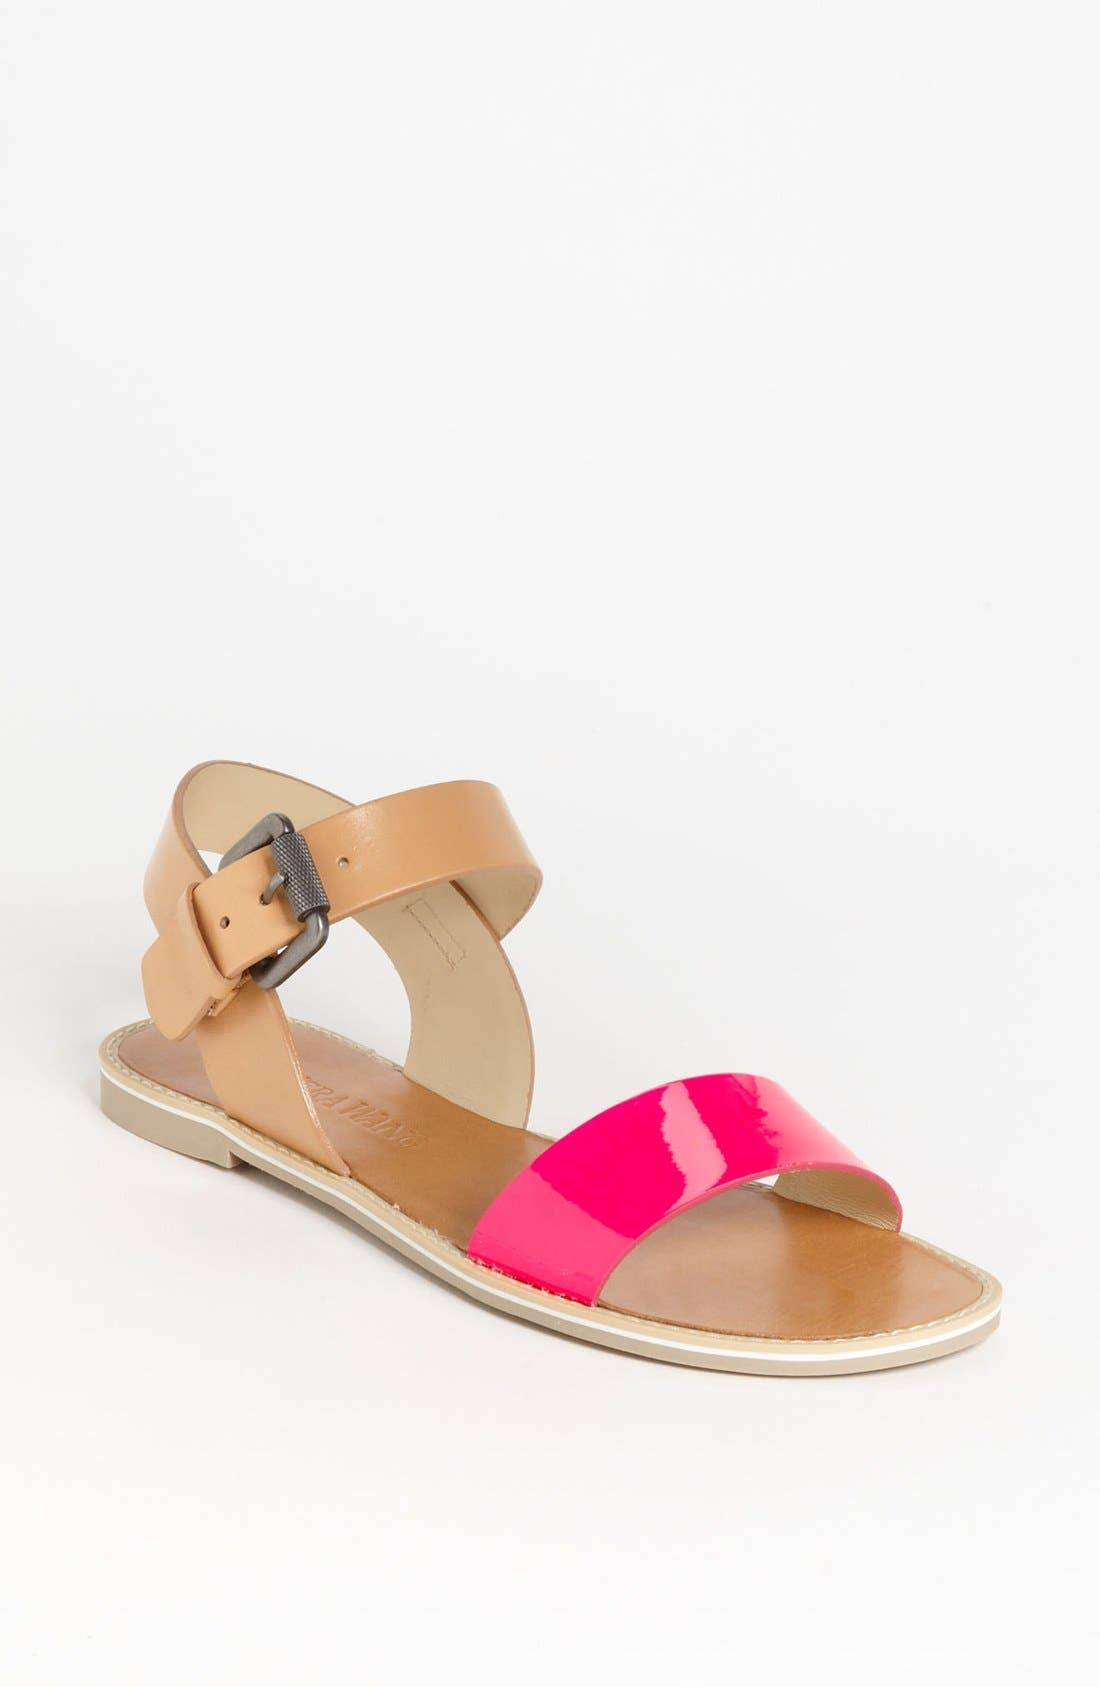 Alternate Image 1 Selected - Vera Wang Footwear 'Febe' Sandal (Online Only)